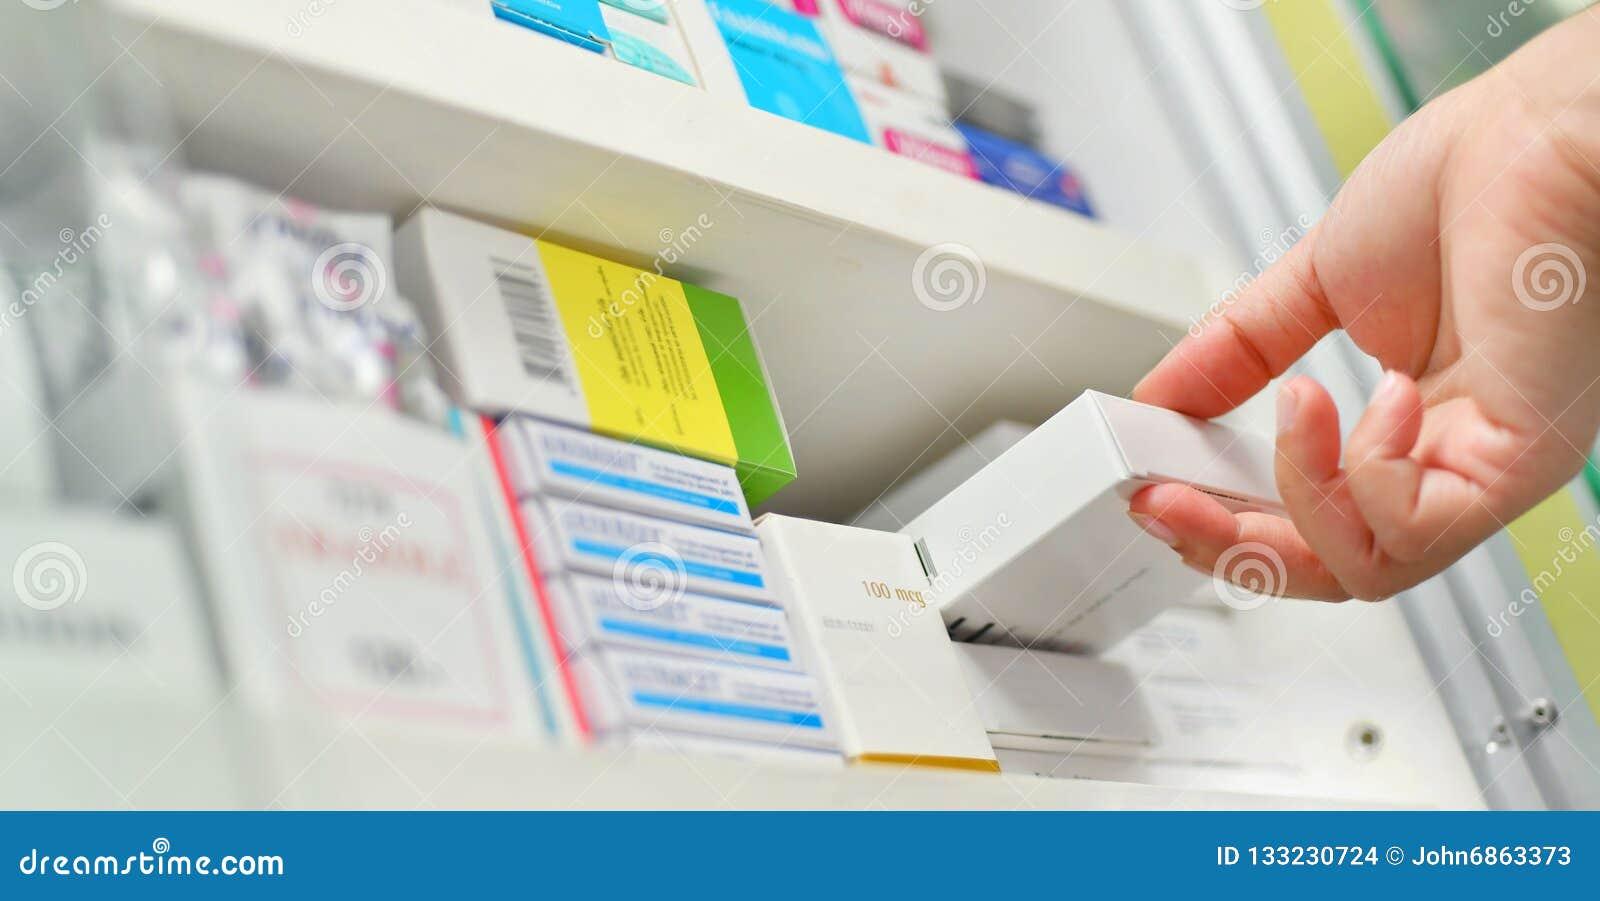 κιβώτιο ιατρικής εκμετάλλευσης χεριών φαρμακοποιών στο φαρμακείο